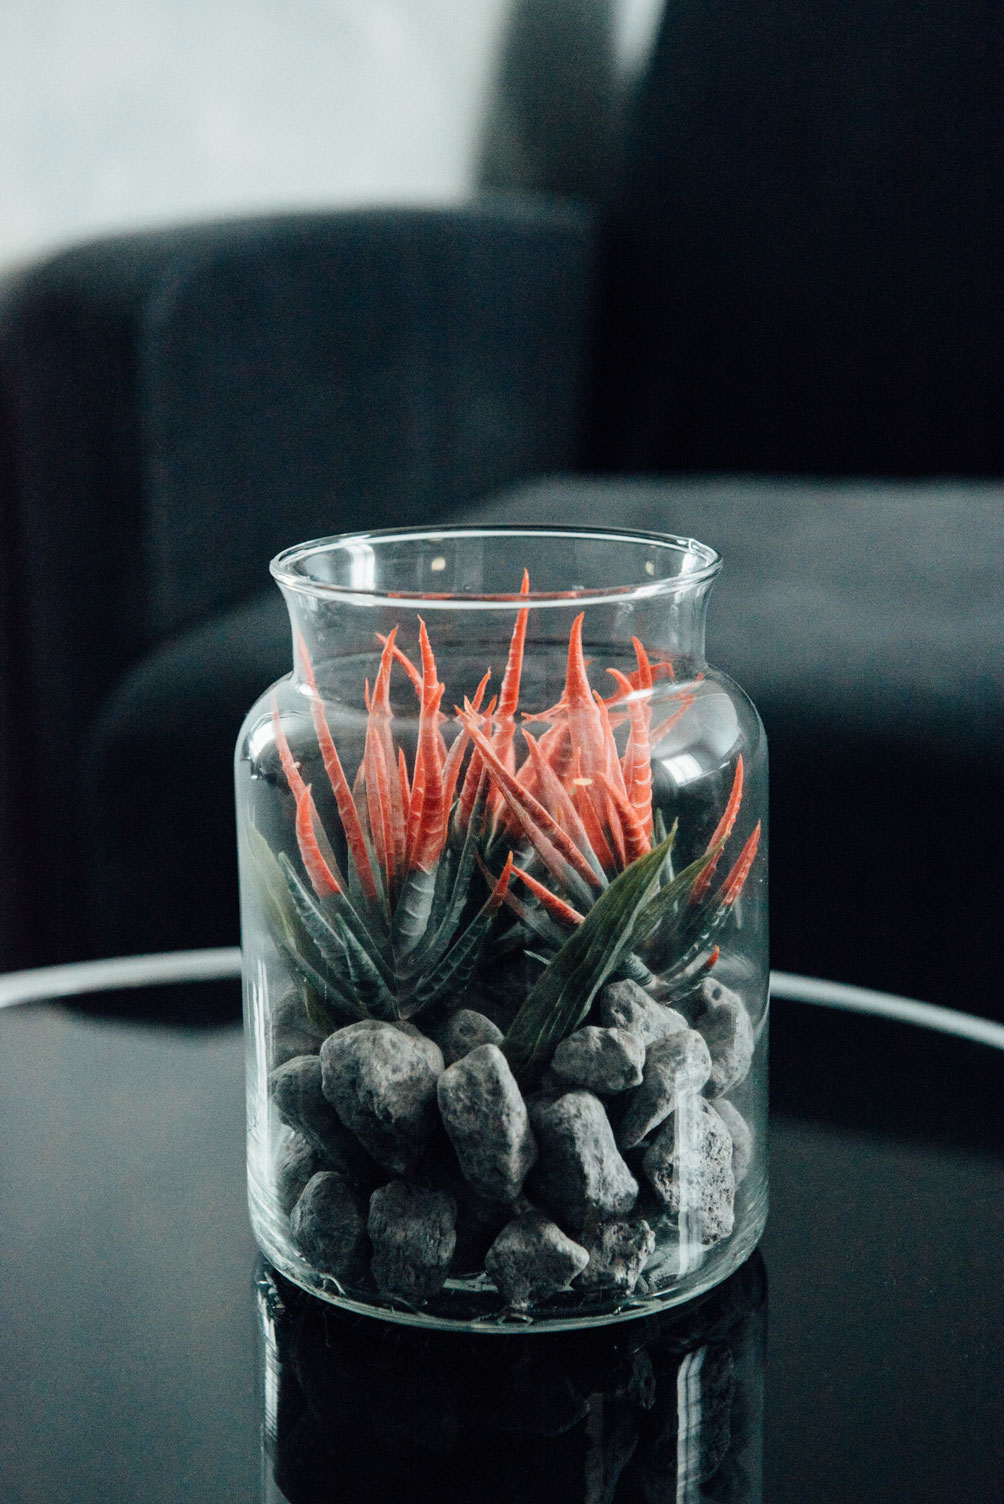 Petite plante verte et rouge dans un bocal sur une table | Amirauté Hôtel La Baule